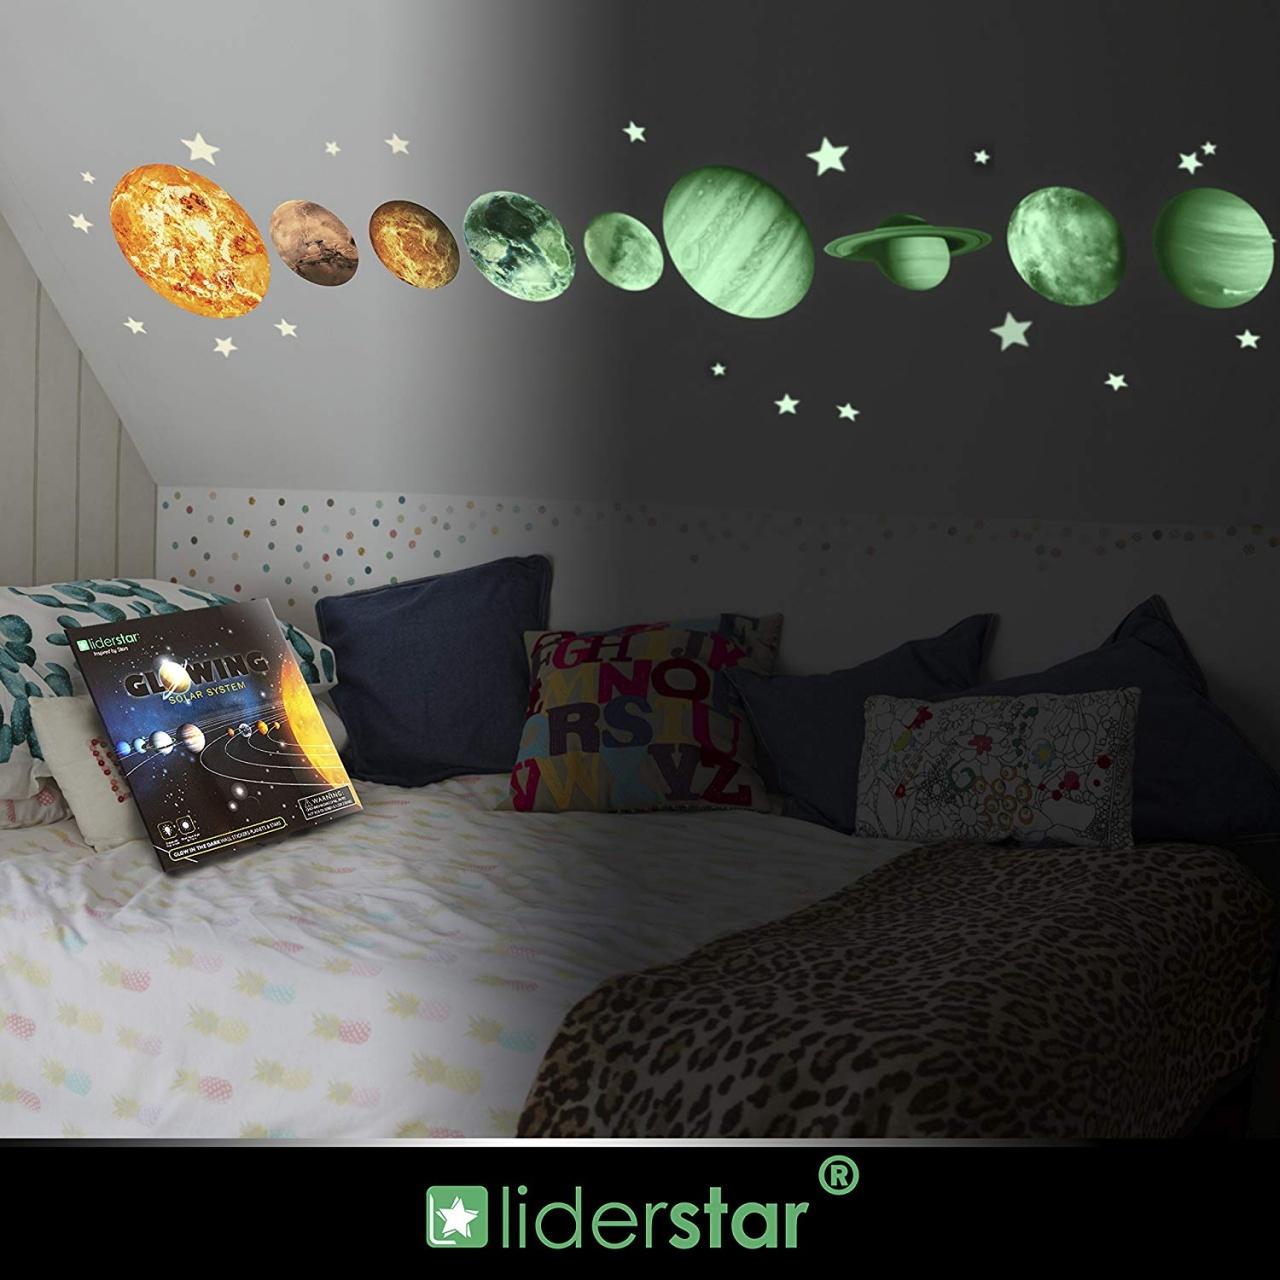 Glow In The Dark Bedroom Decor Leuchtende Sterne Und - Liderstar Glow In Solar System - HD Wallpaper